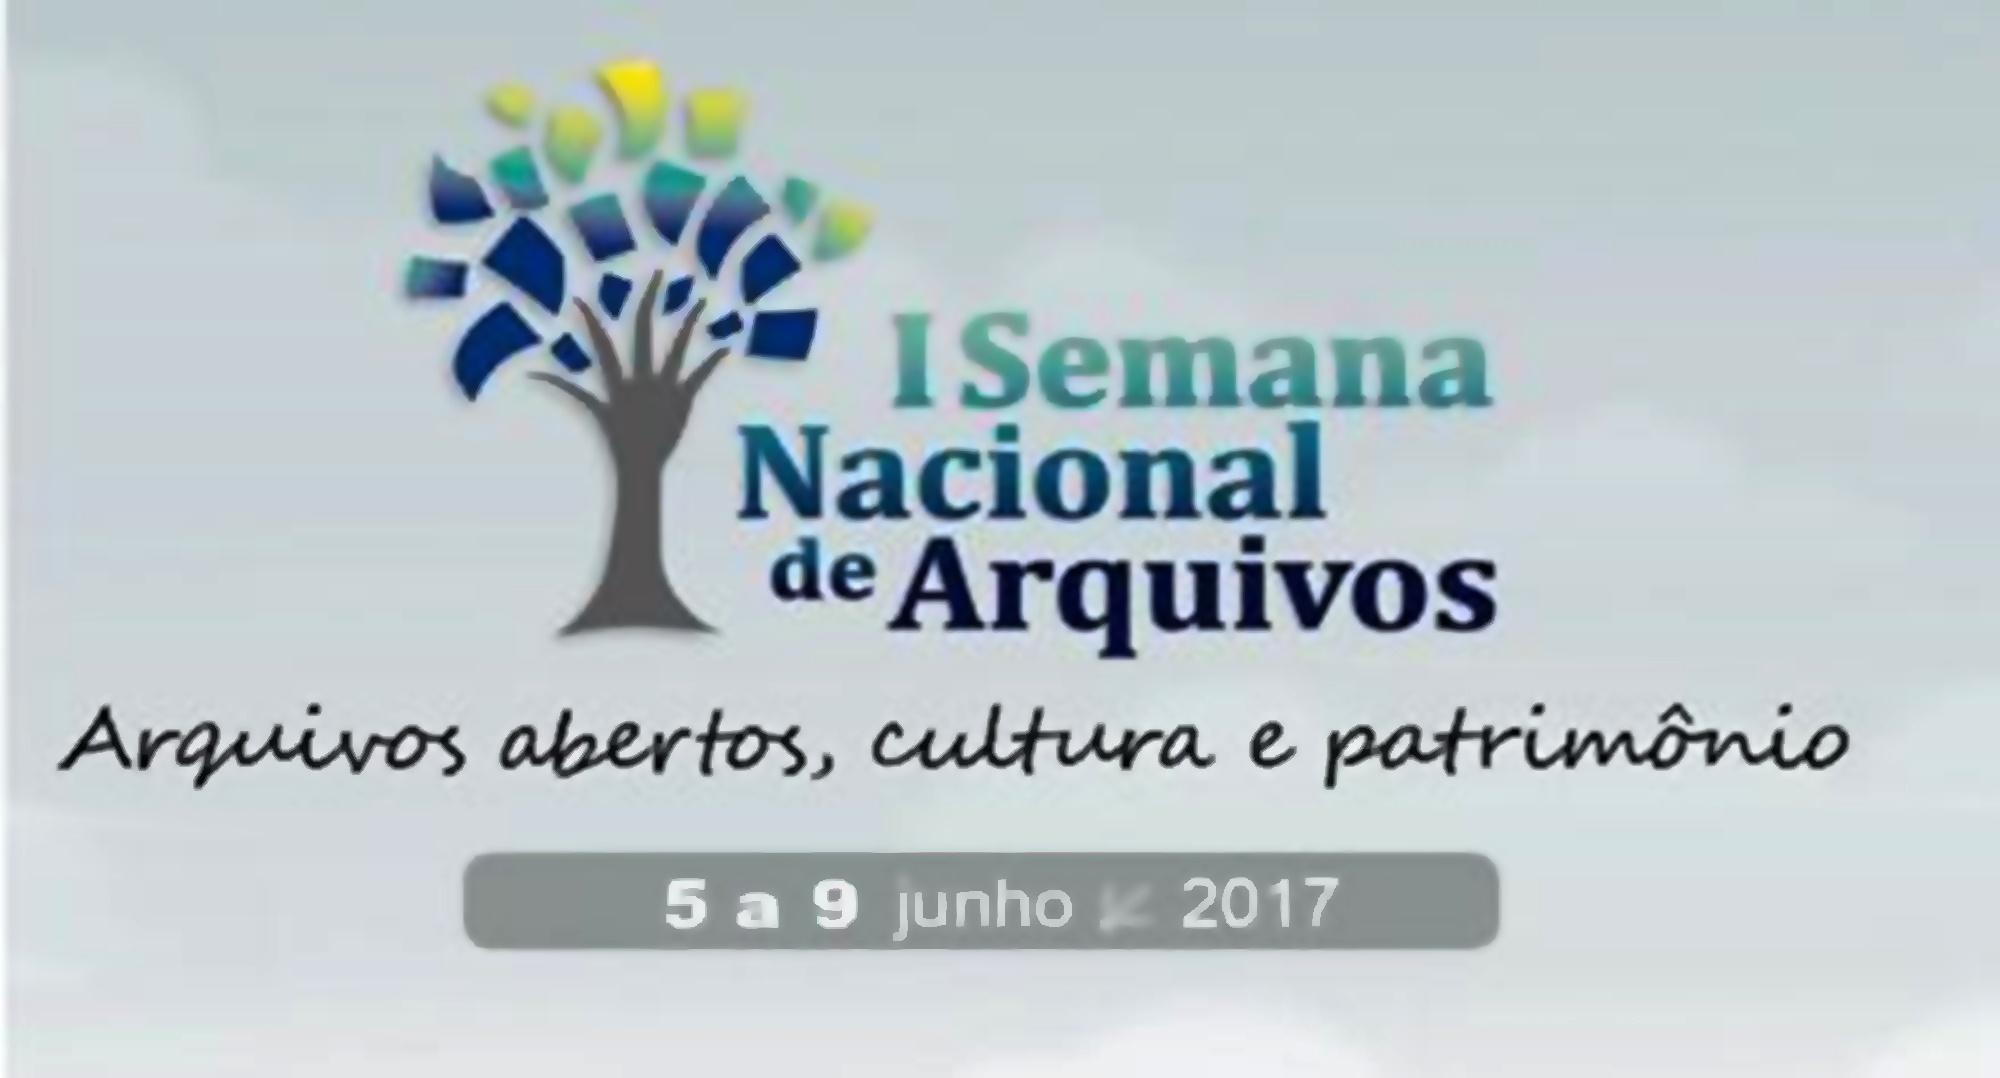 1ª SEMANA NACIONAL DE ARQUIVO: Arquivos abertos, cultura e patrimônio